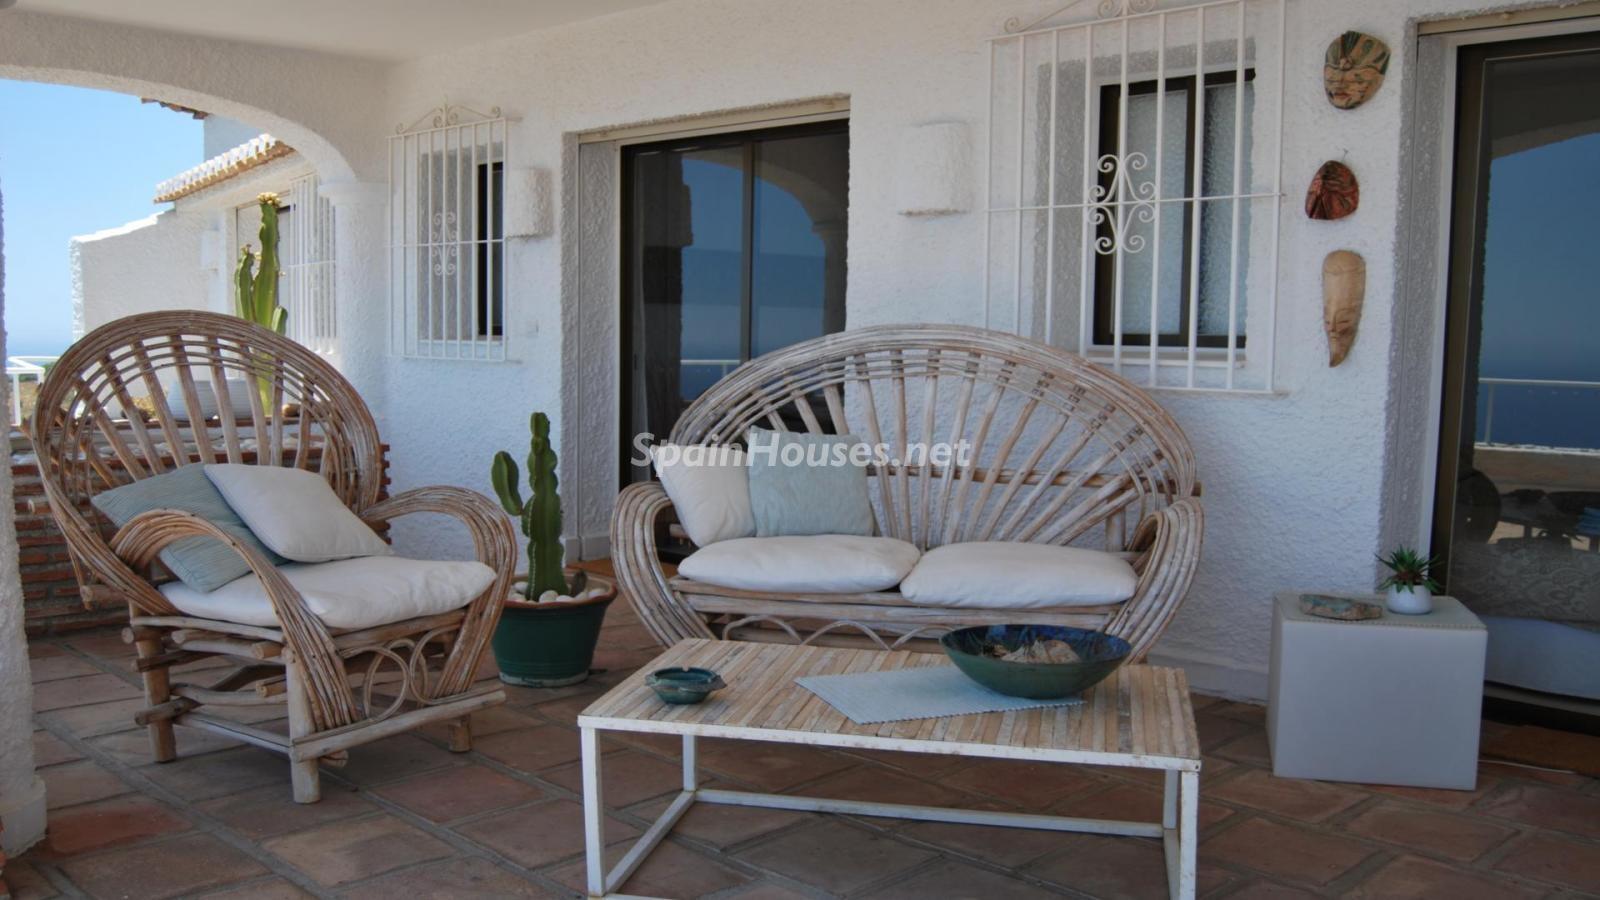 49335 2014903 foto 819975 - Exotic villa in Salobreña, Granada